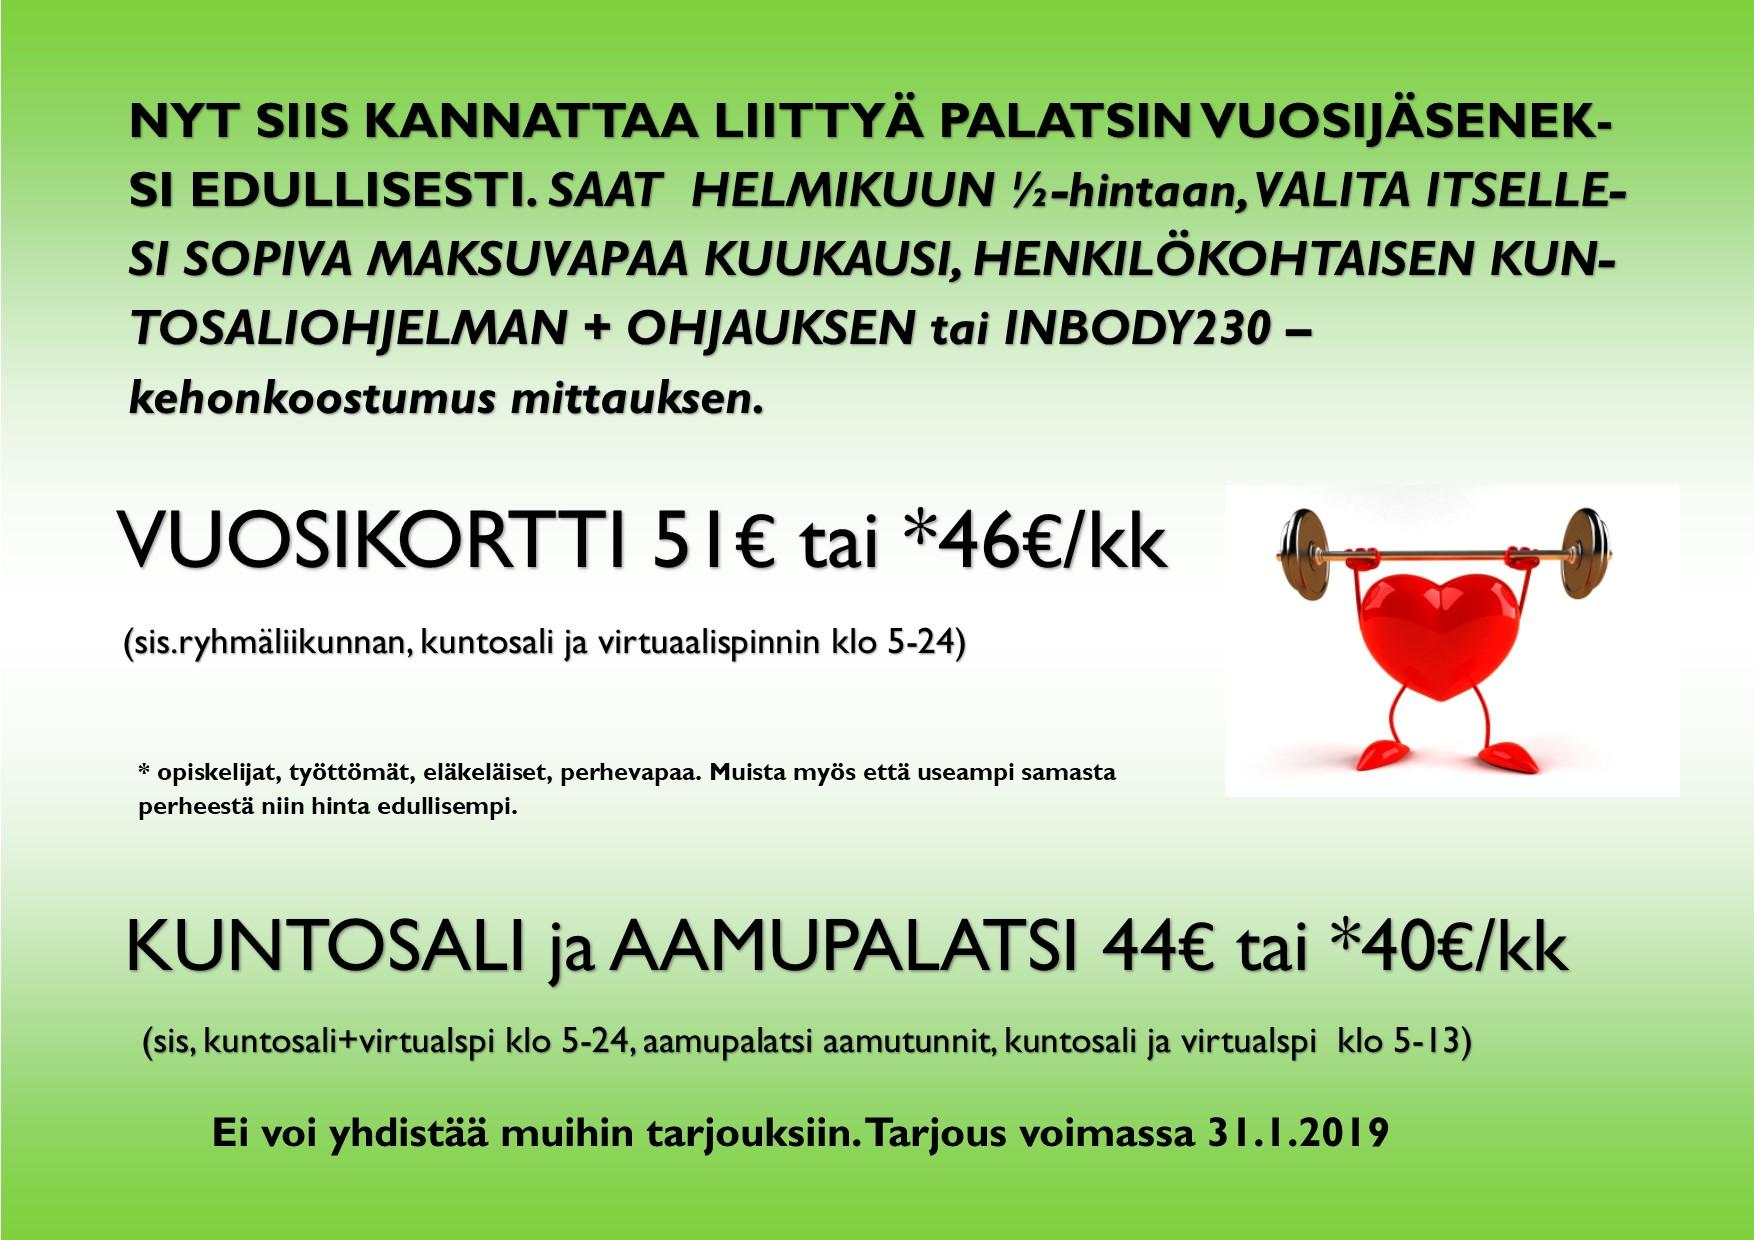 TAMMIKUUN VUOSIKORTTI KAMPANJA voimassa 31.1.2019 saakka.